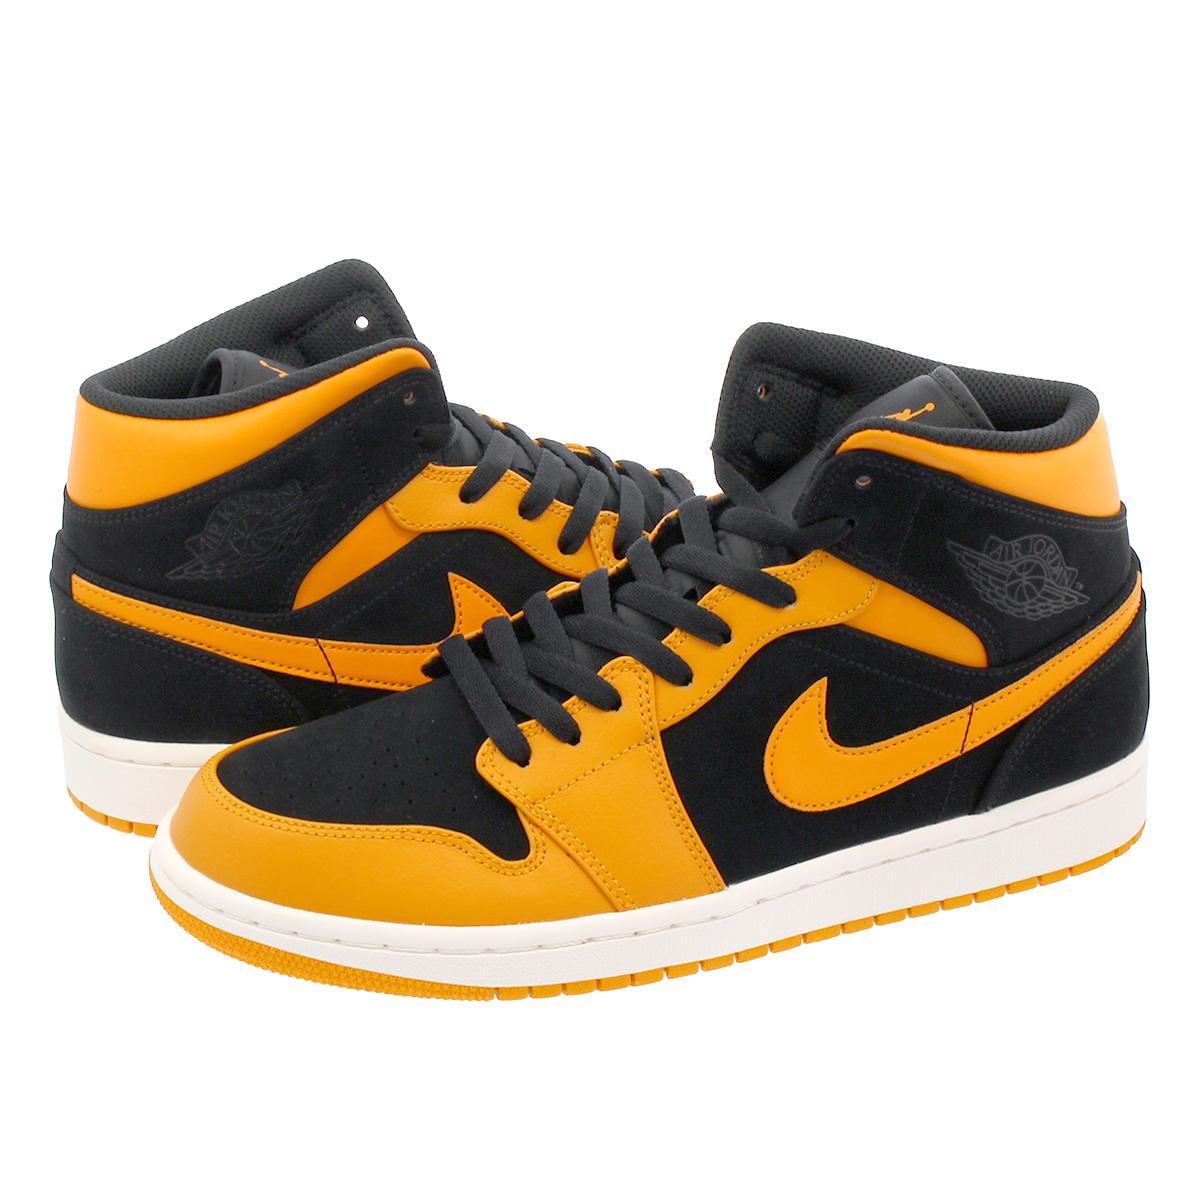 0611ffe55605 LOWTEX BIG-SMALL SHOP  NIKE AIR JORDAN 1 MID Nike Air Jordan 1 mid ...